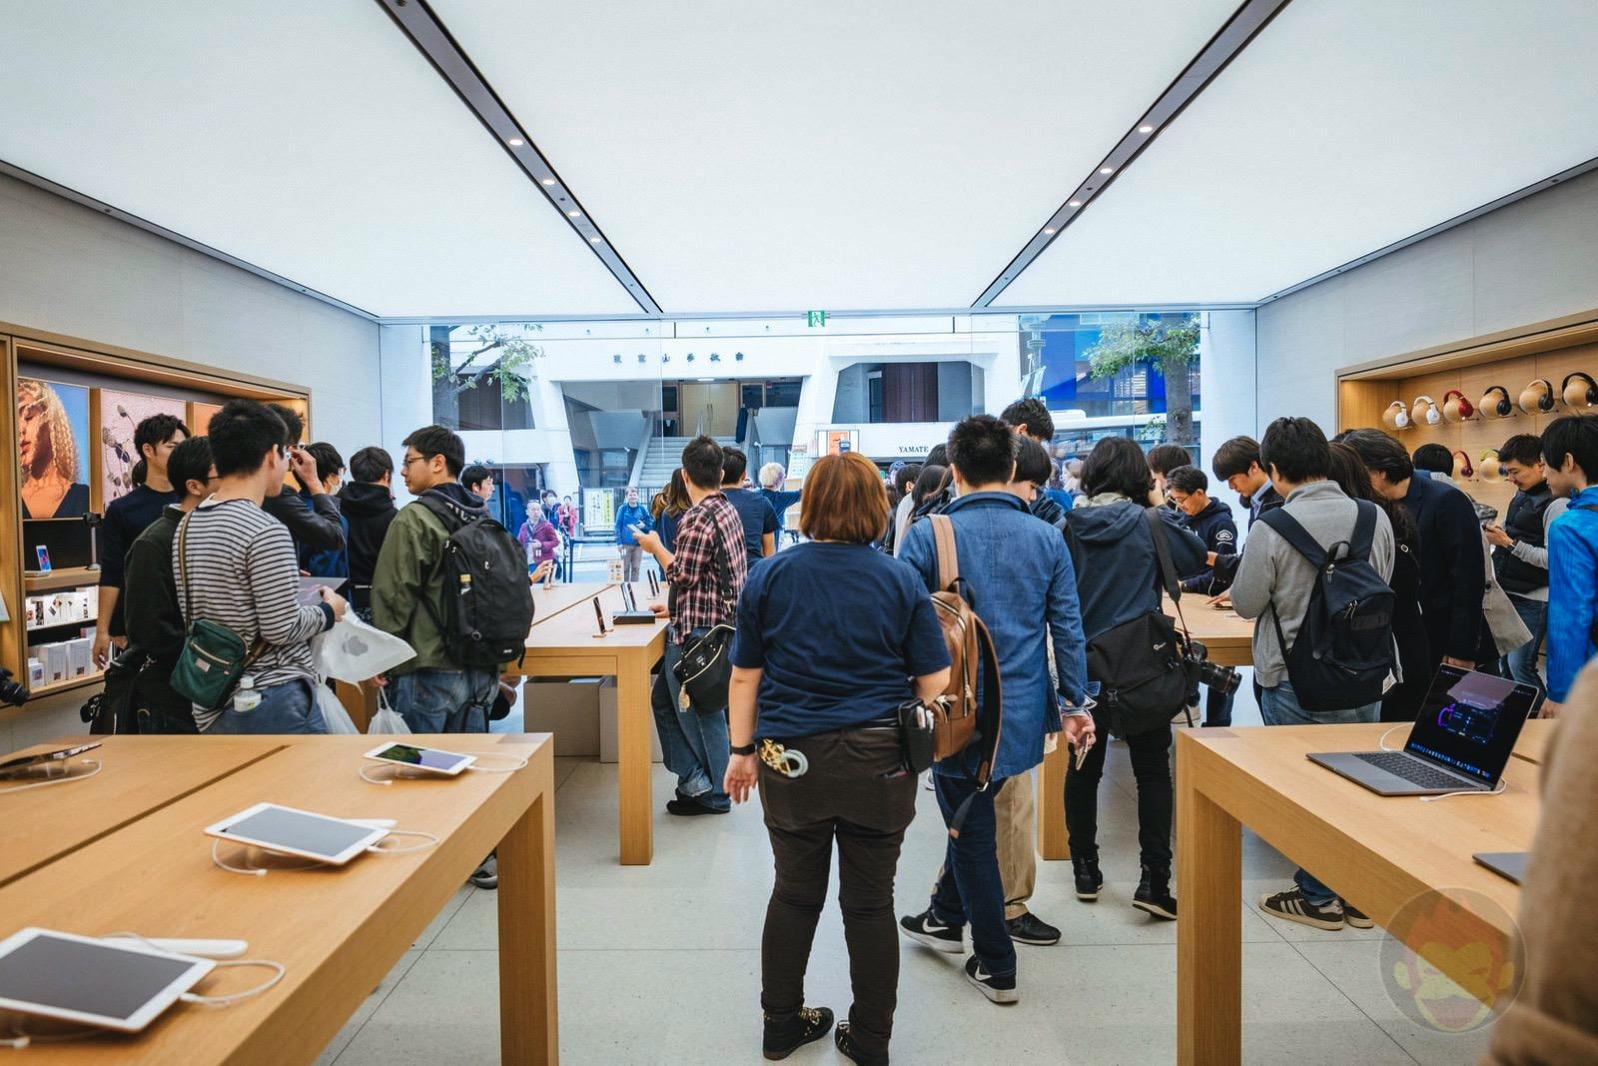 Apple-Shibuya-Before-Renewal-Open-17.jpg